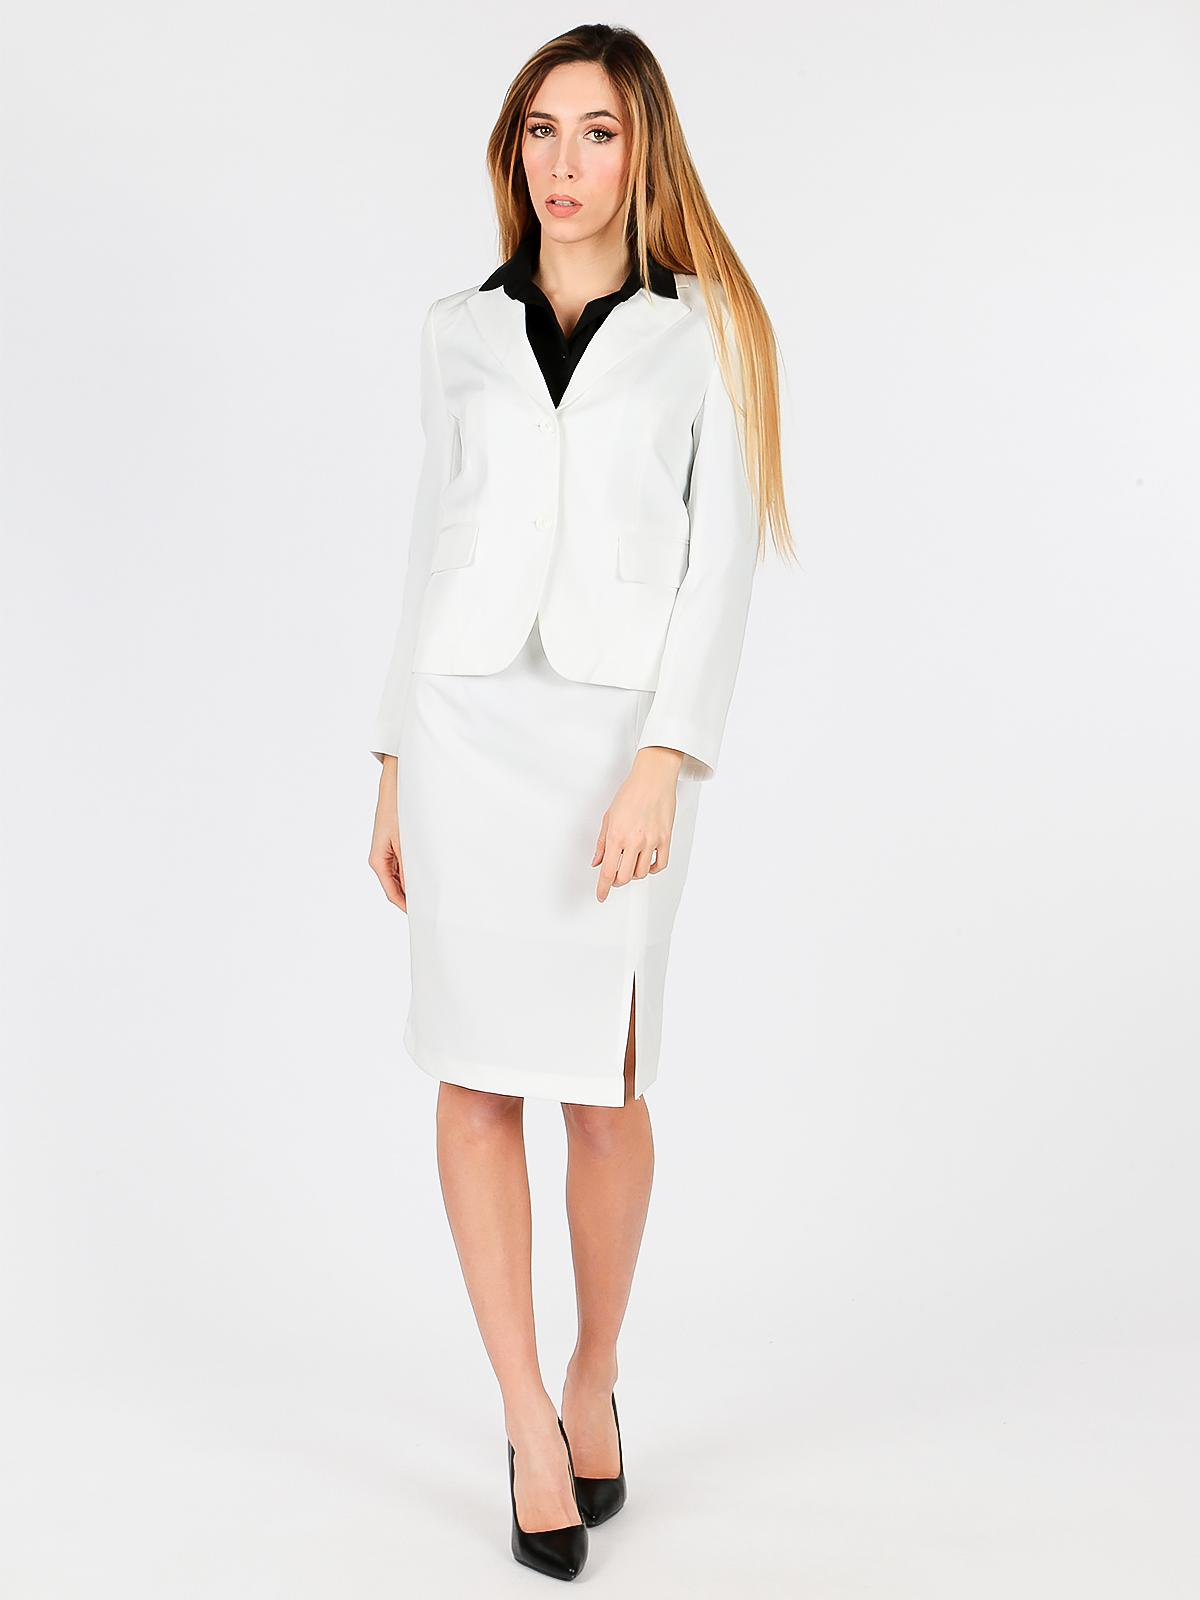 Giacca bianca elegante radaus   MecShopping